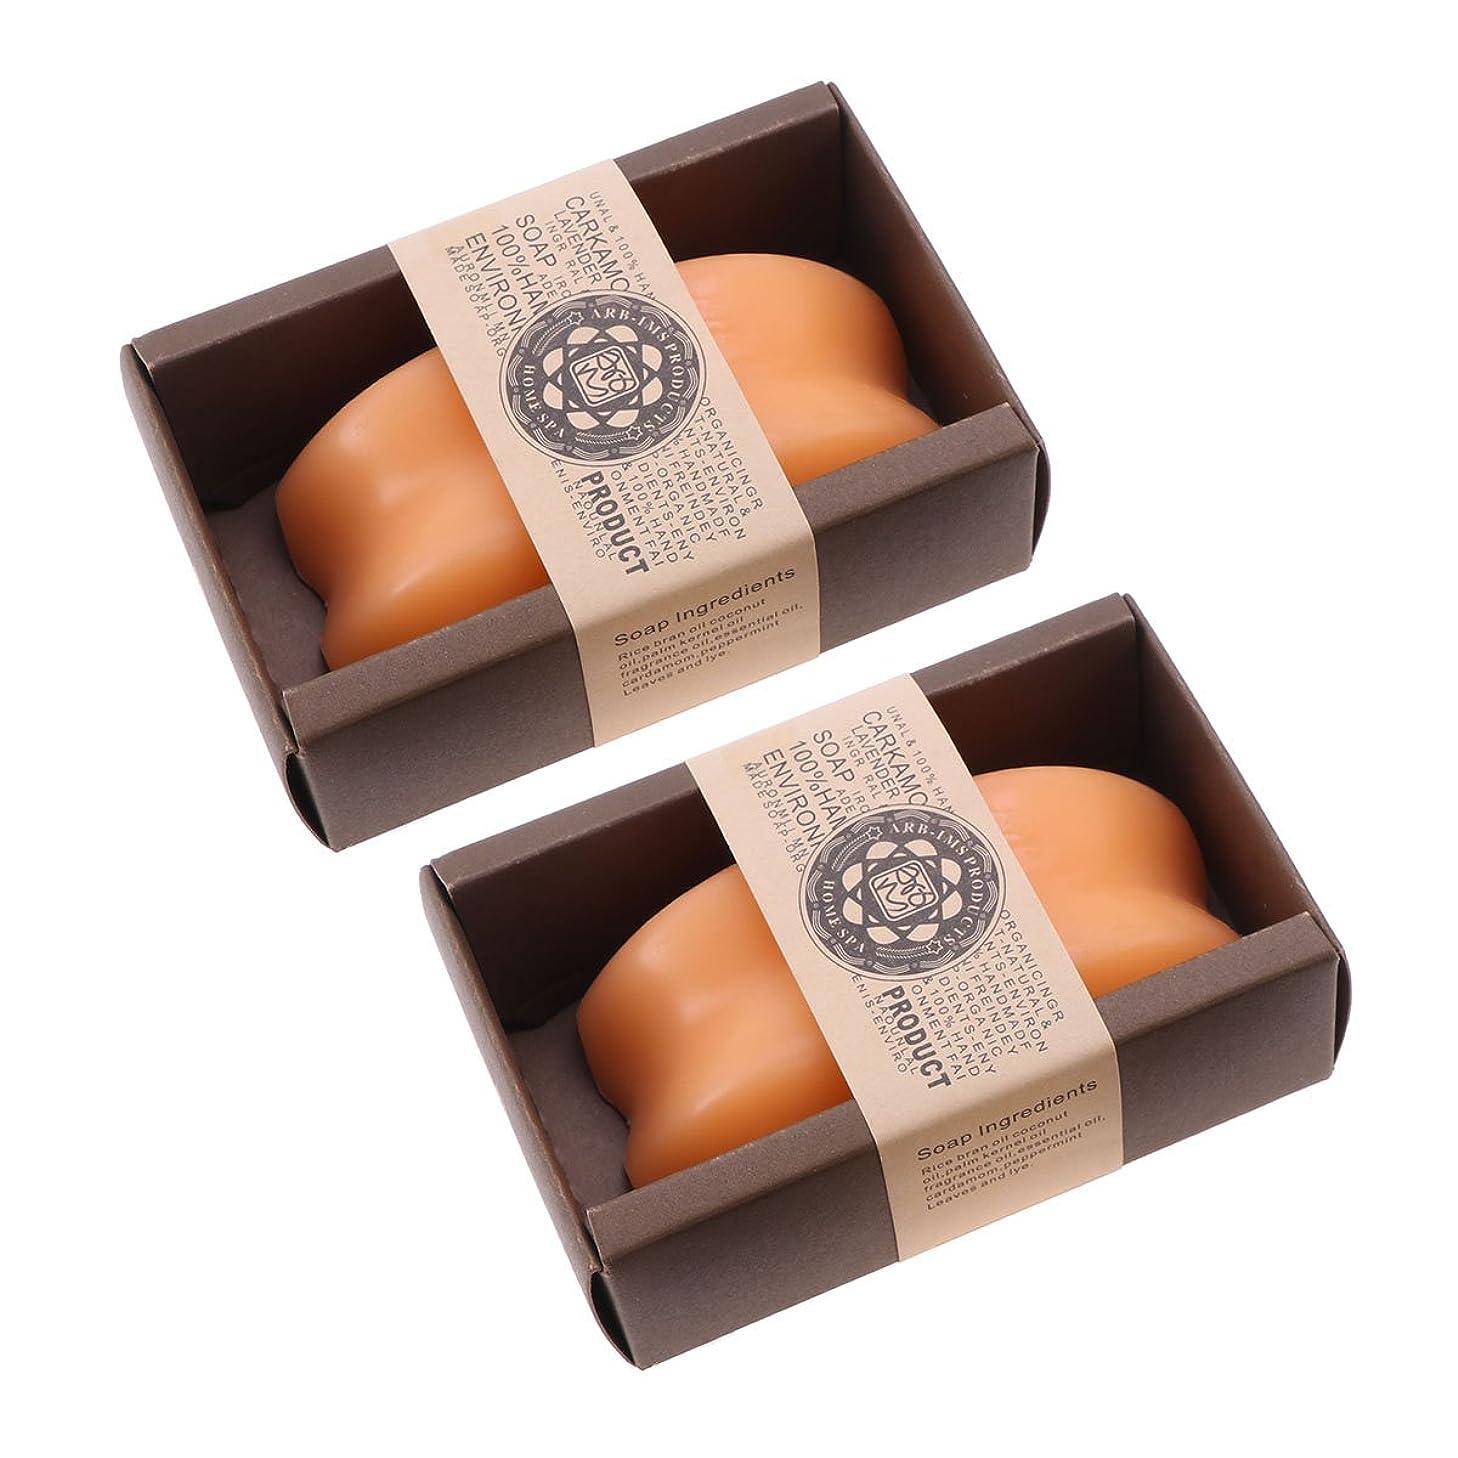 卵風食品Lurrose パパイヤソープオーガニック手作りエッセンシャルオイルソープバーモイスチャライジングボディウォッシュソープ2個(オレンジ)